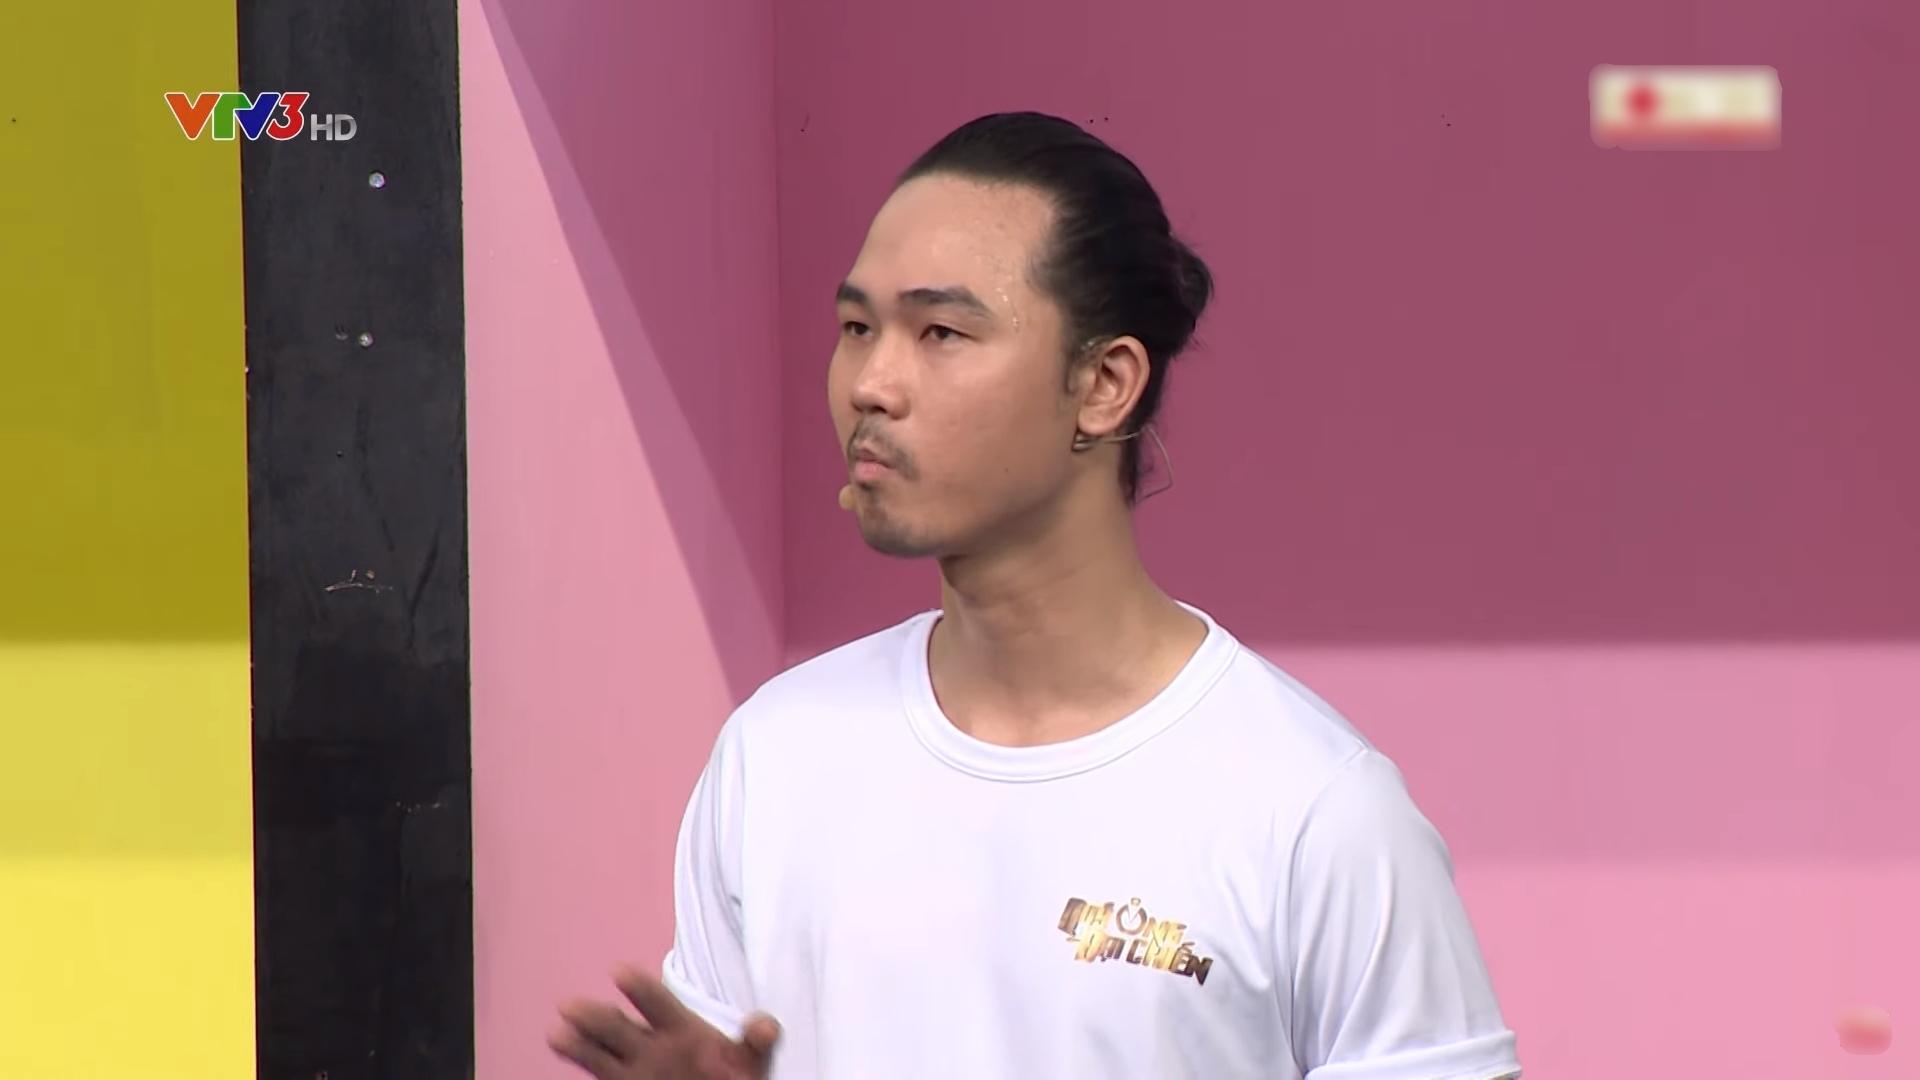 Hương Giang nhớ 'người cũ' từ chiều cao đến số đo 3 vòng